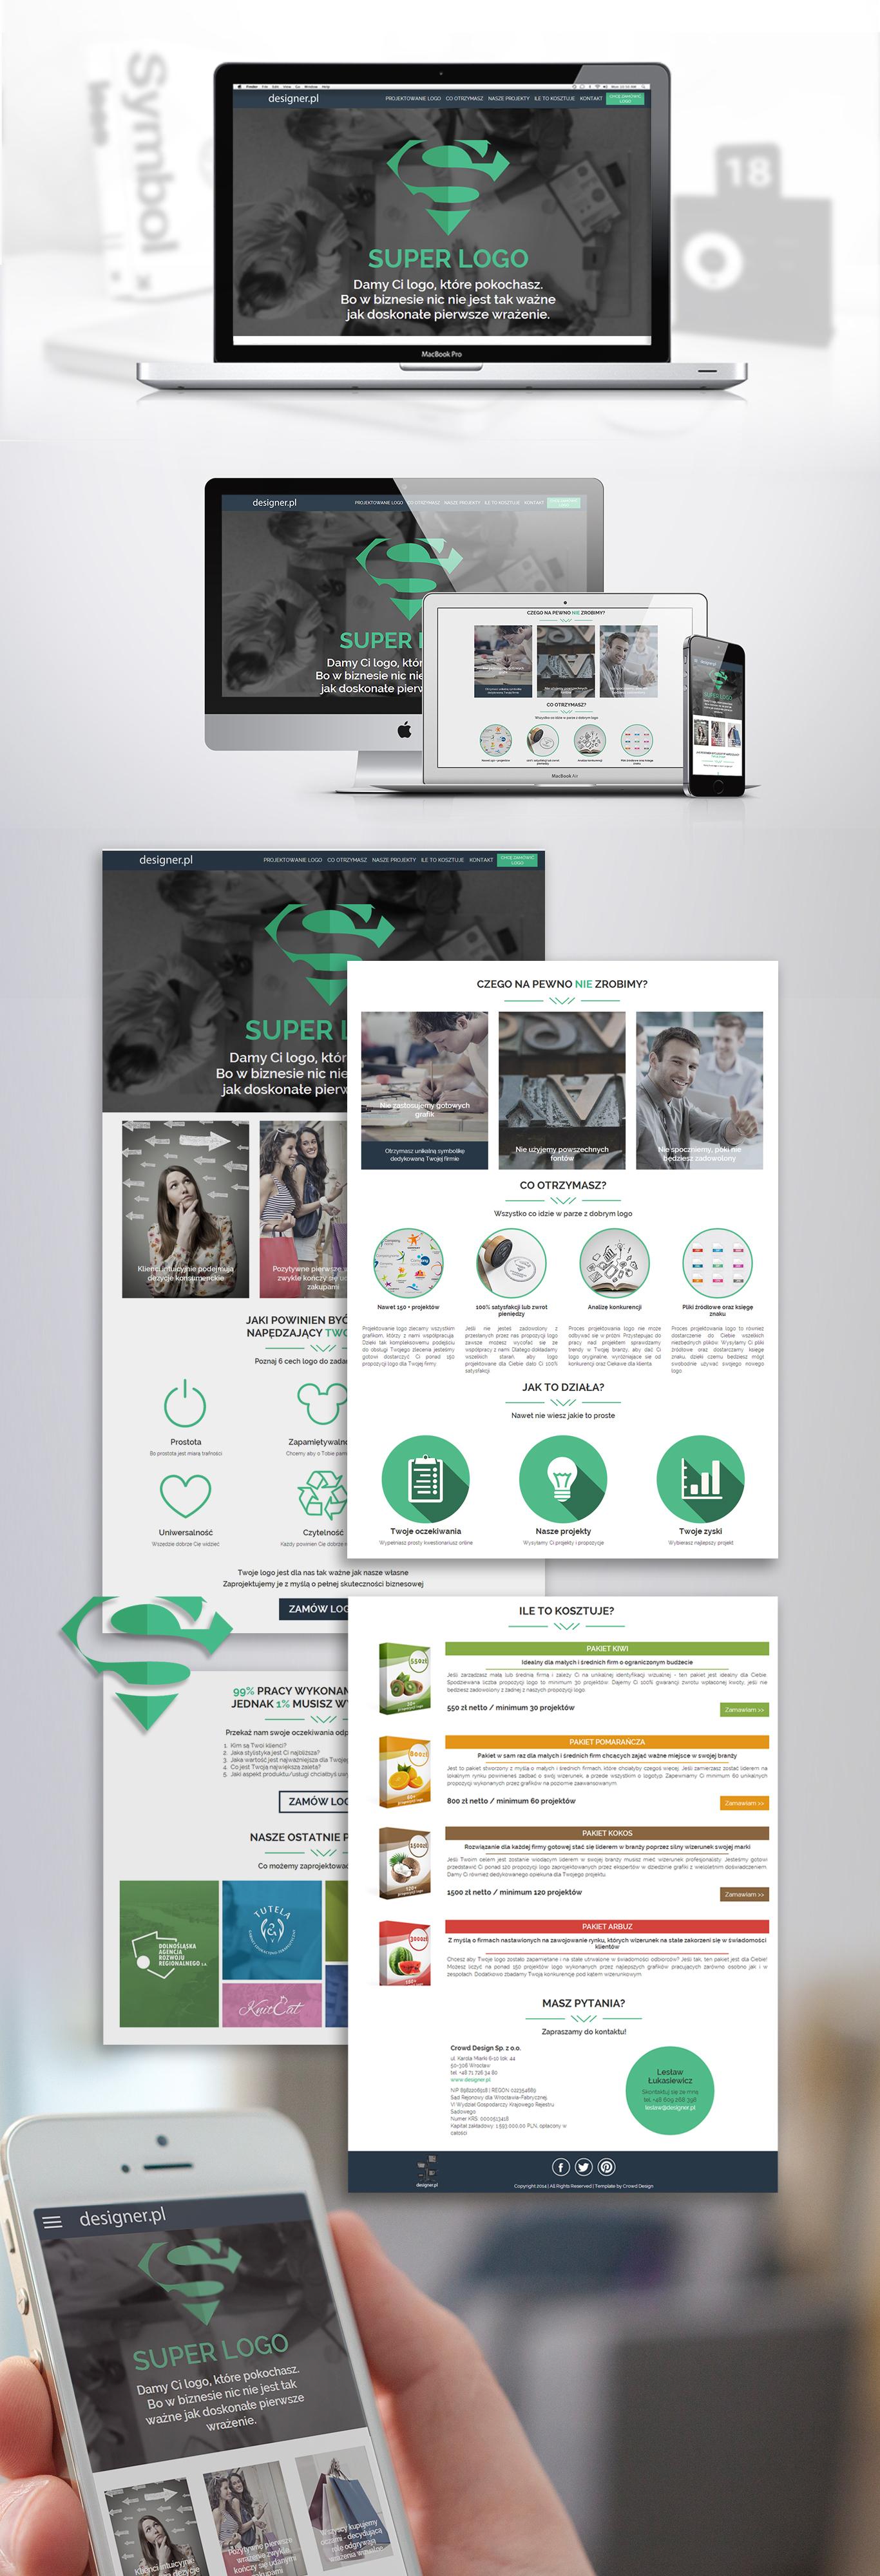 Prezentacja nowoczesnego projektu landing page strony www firmy projektującej logo